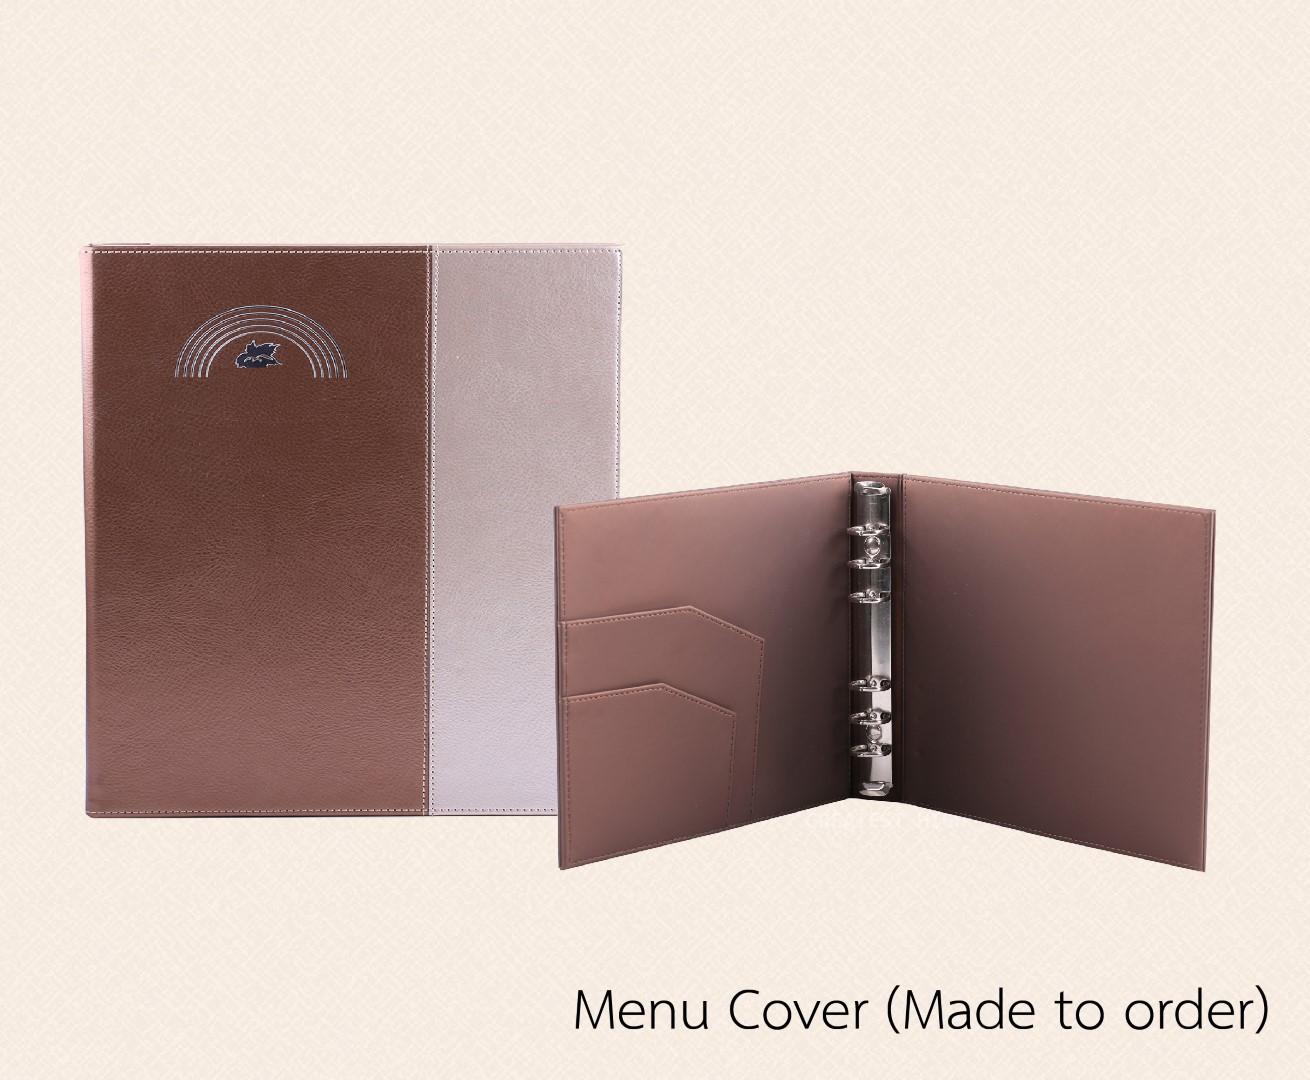 ปกเมนู เมนูปกหนัง ปกเมนูตามสั่ง Made to order Menu Cover